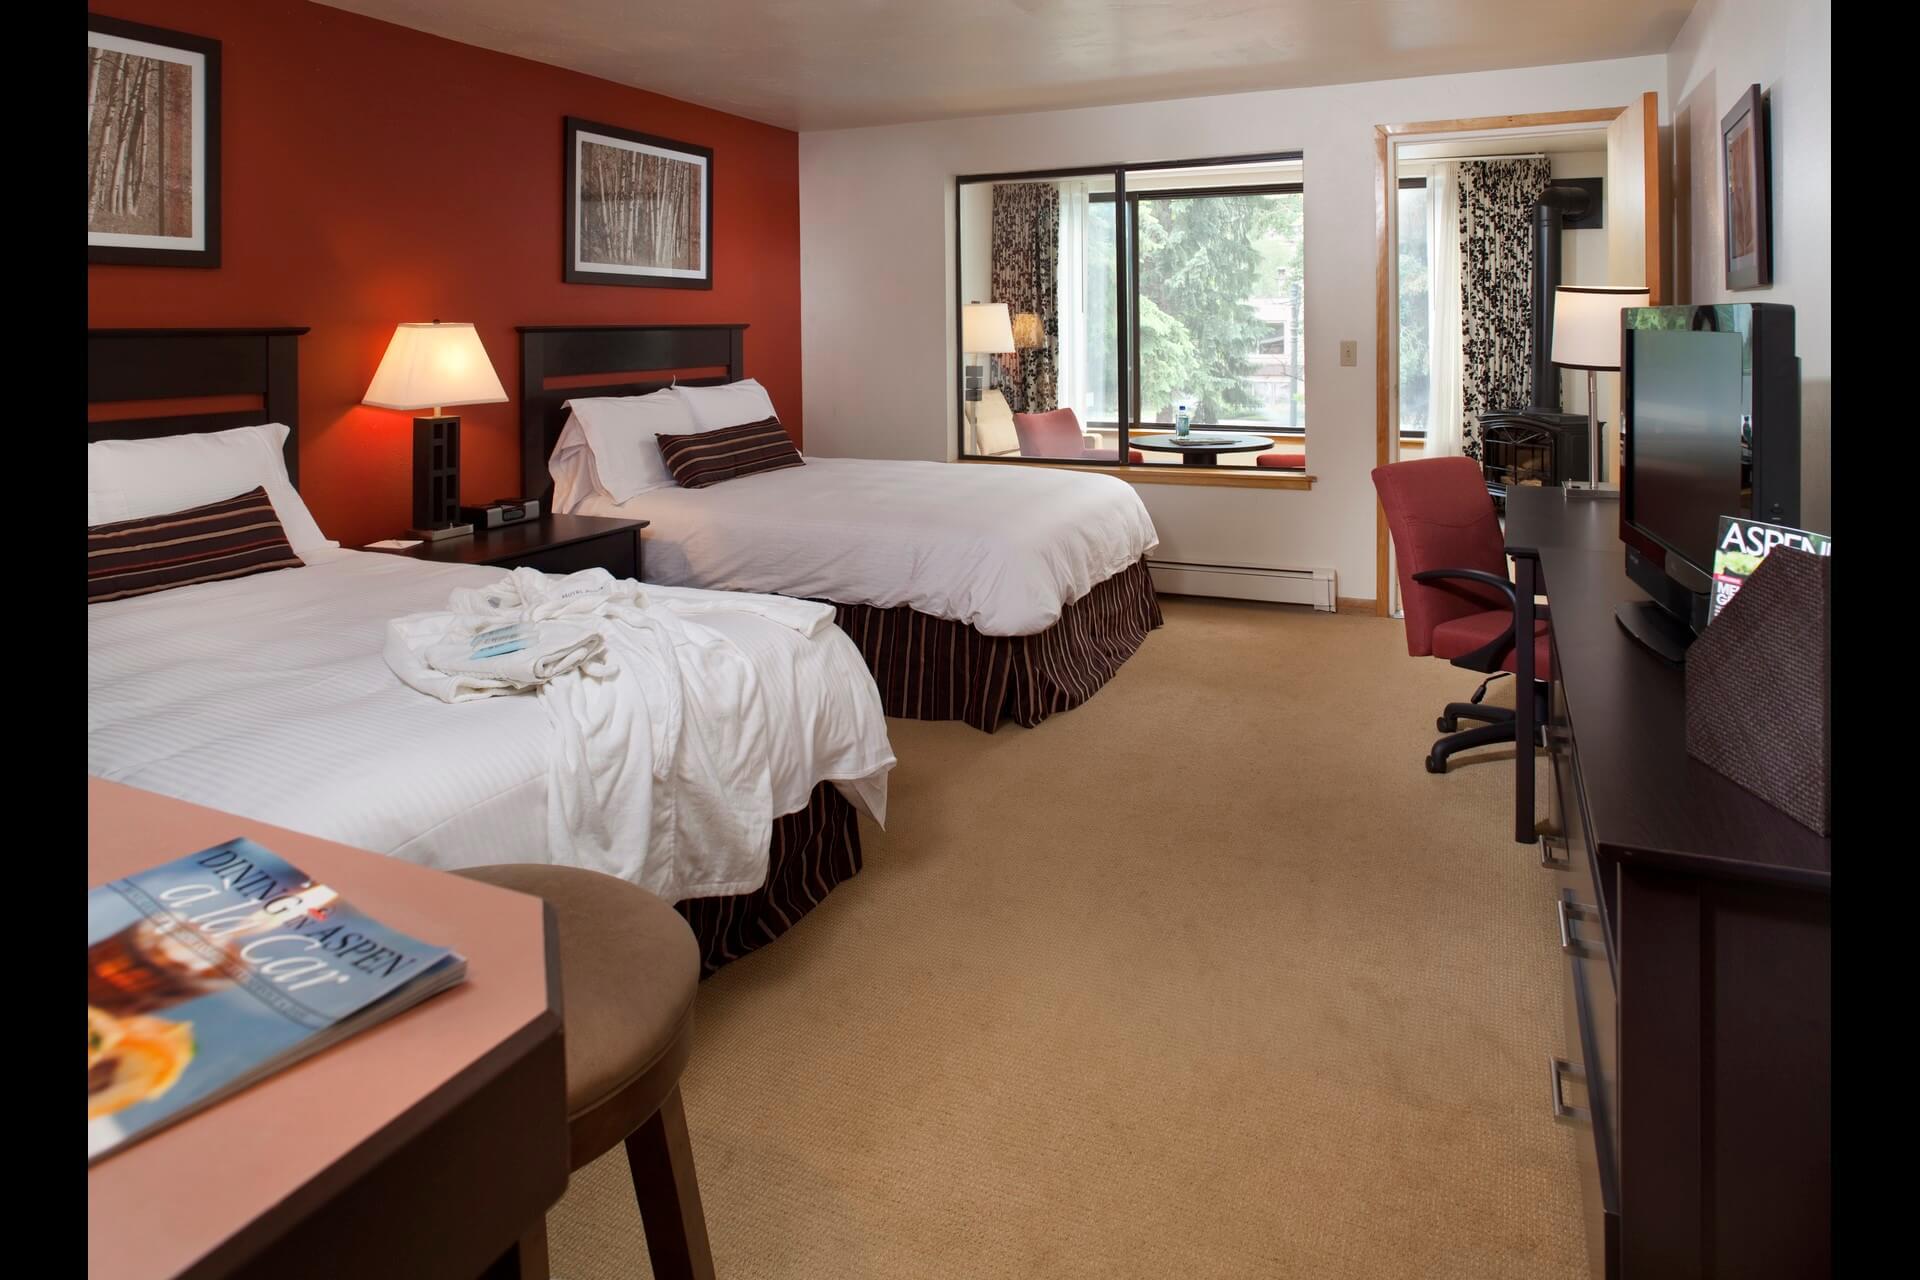 Aspen_HotelAspen